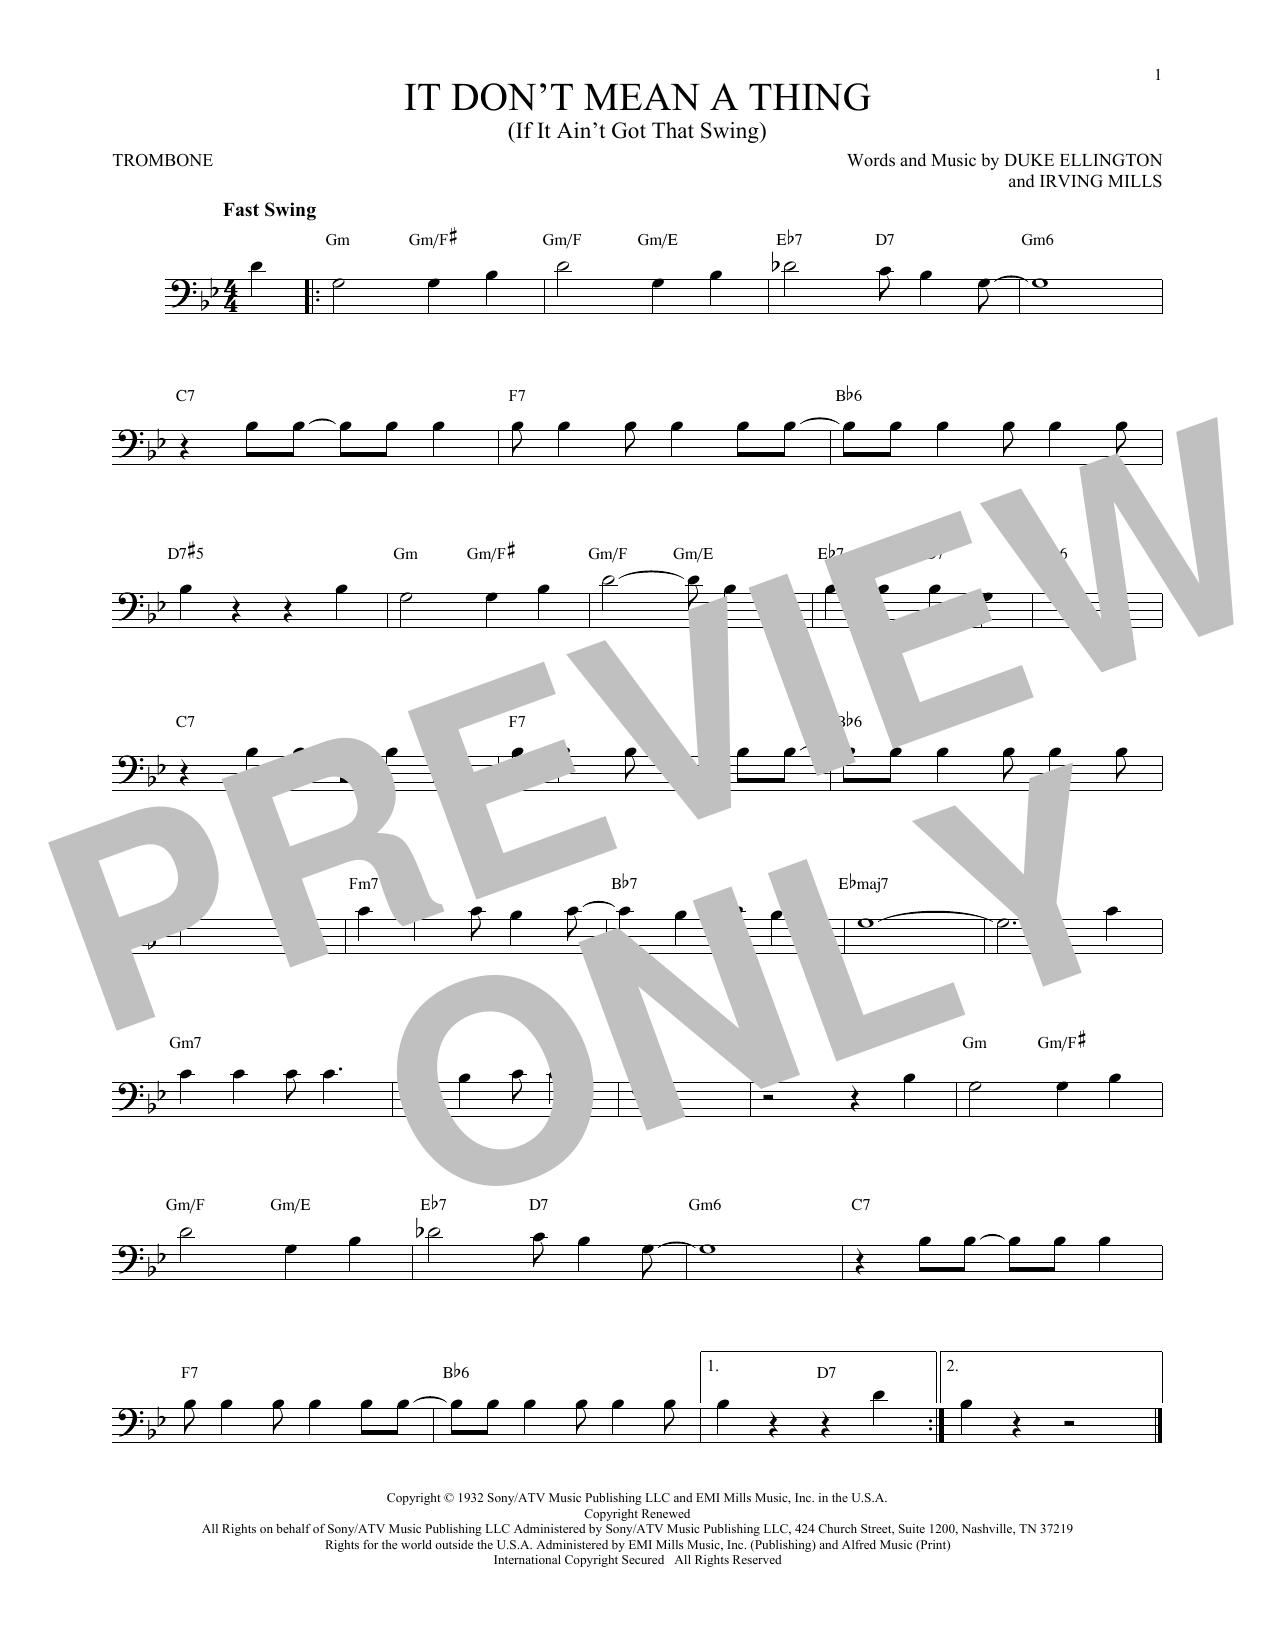 Duke Ellington - It Don't Mean A Thing (If It Ain't Got That Swing)